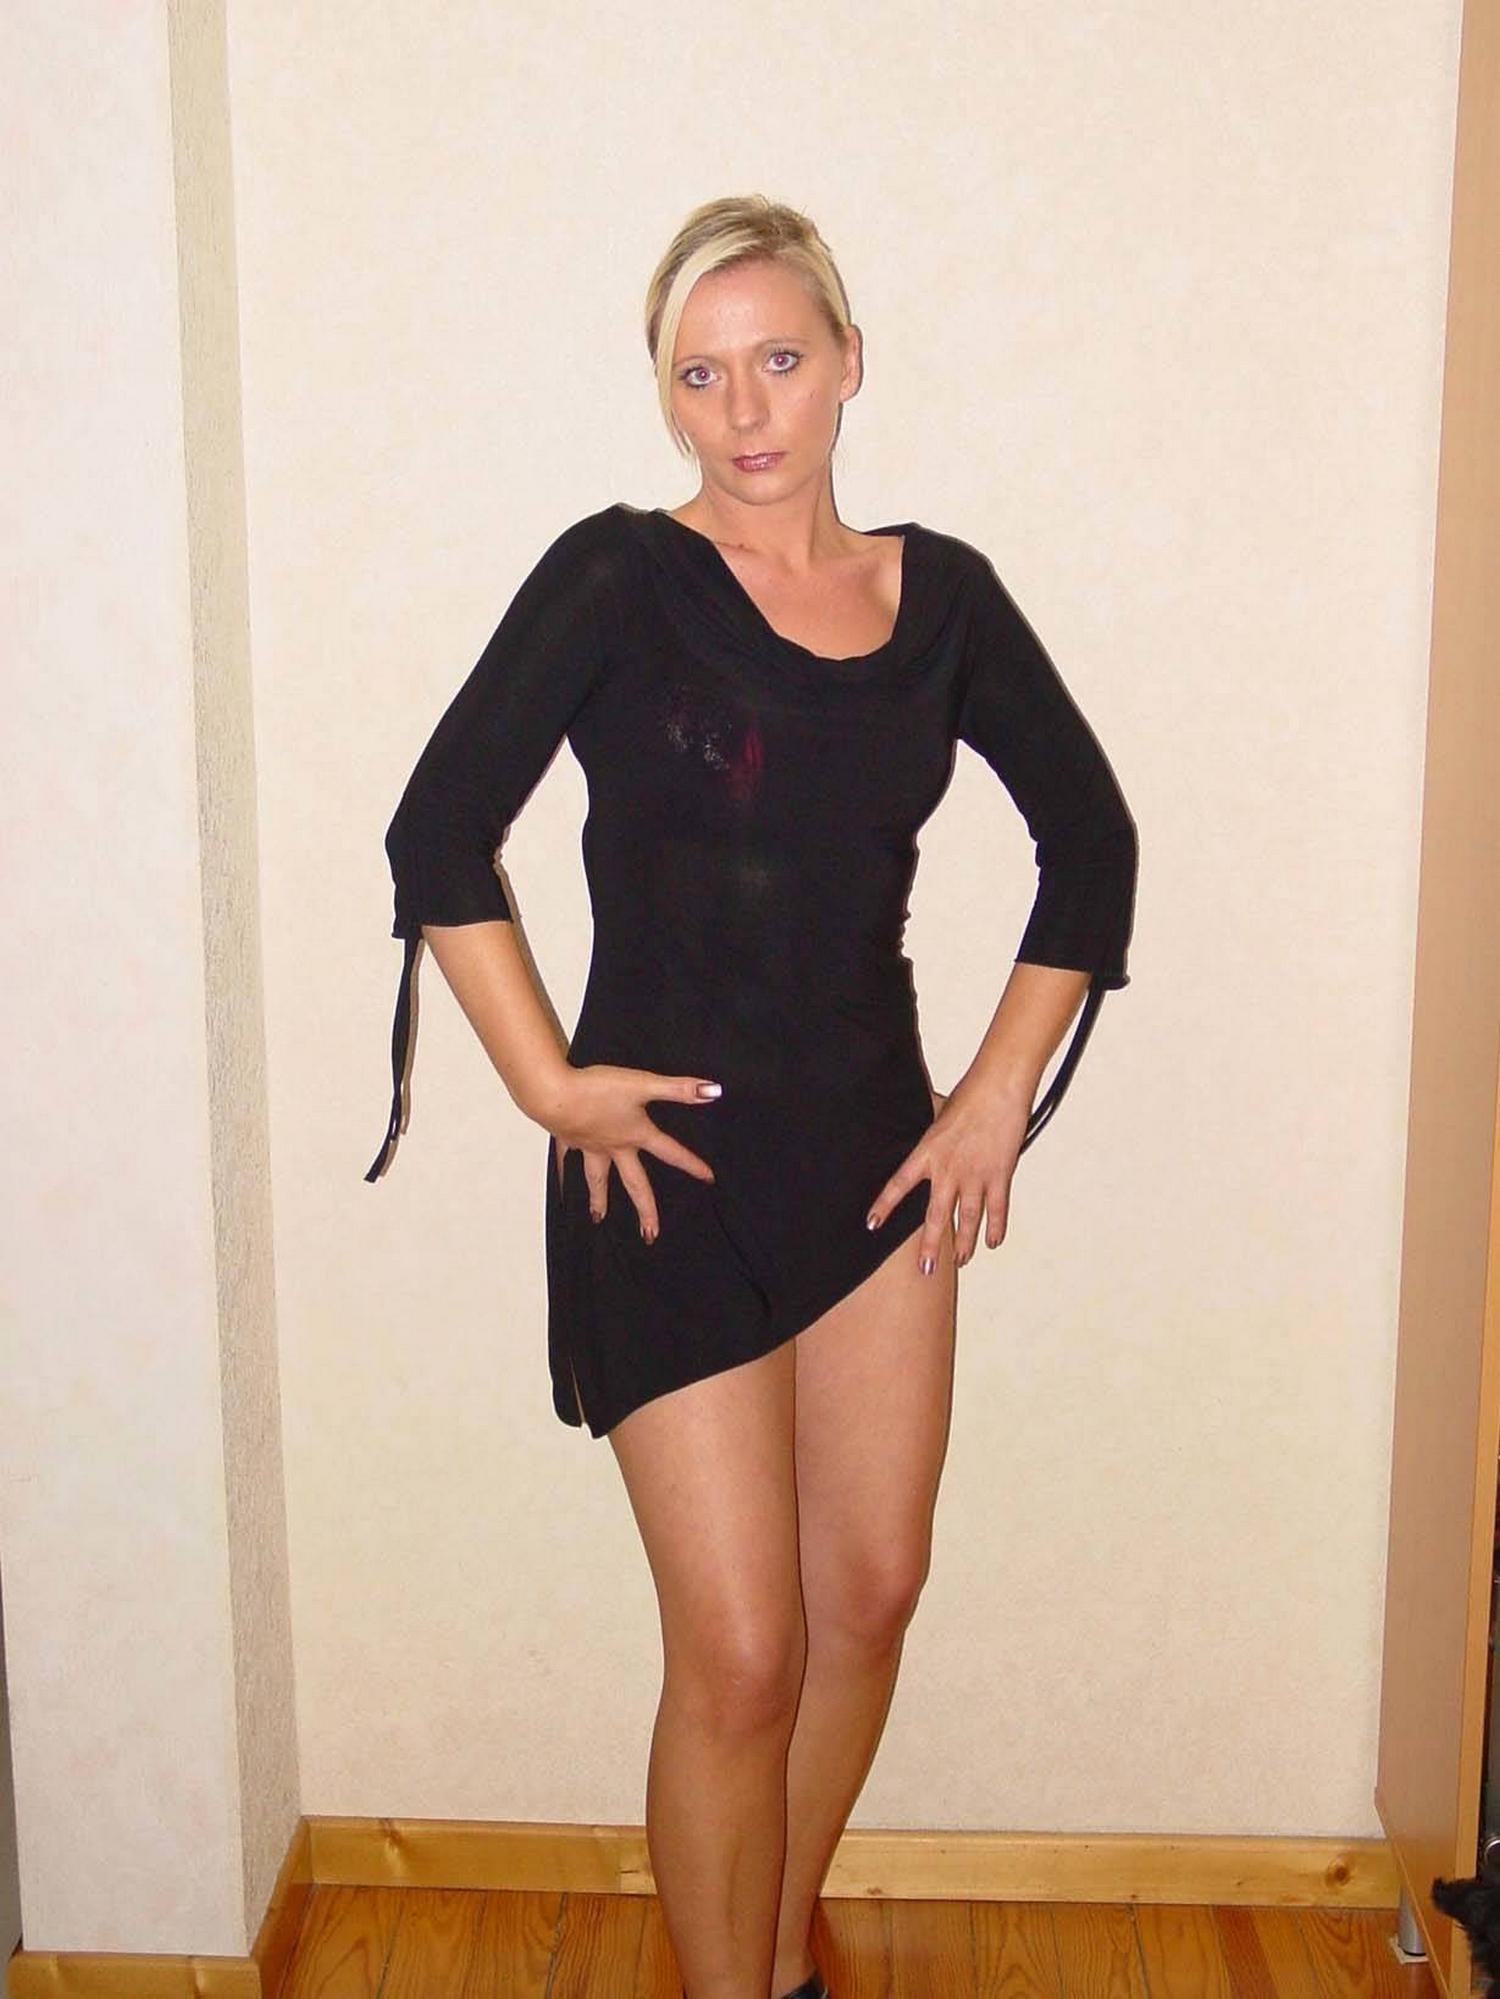 Тридцатисемилетняя блондиночка без трусиков красуется на столе